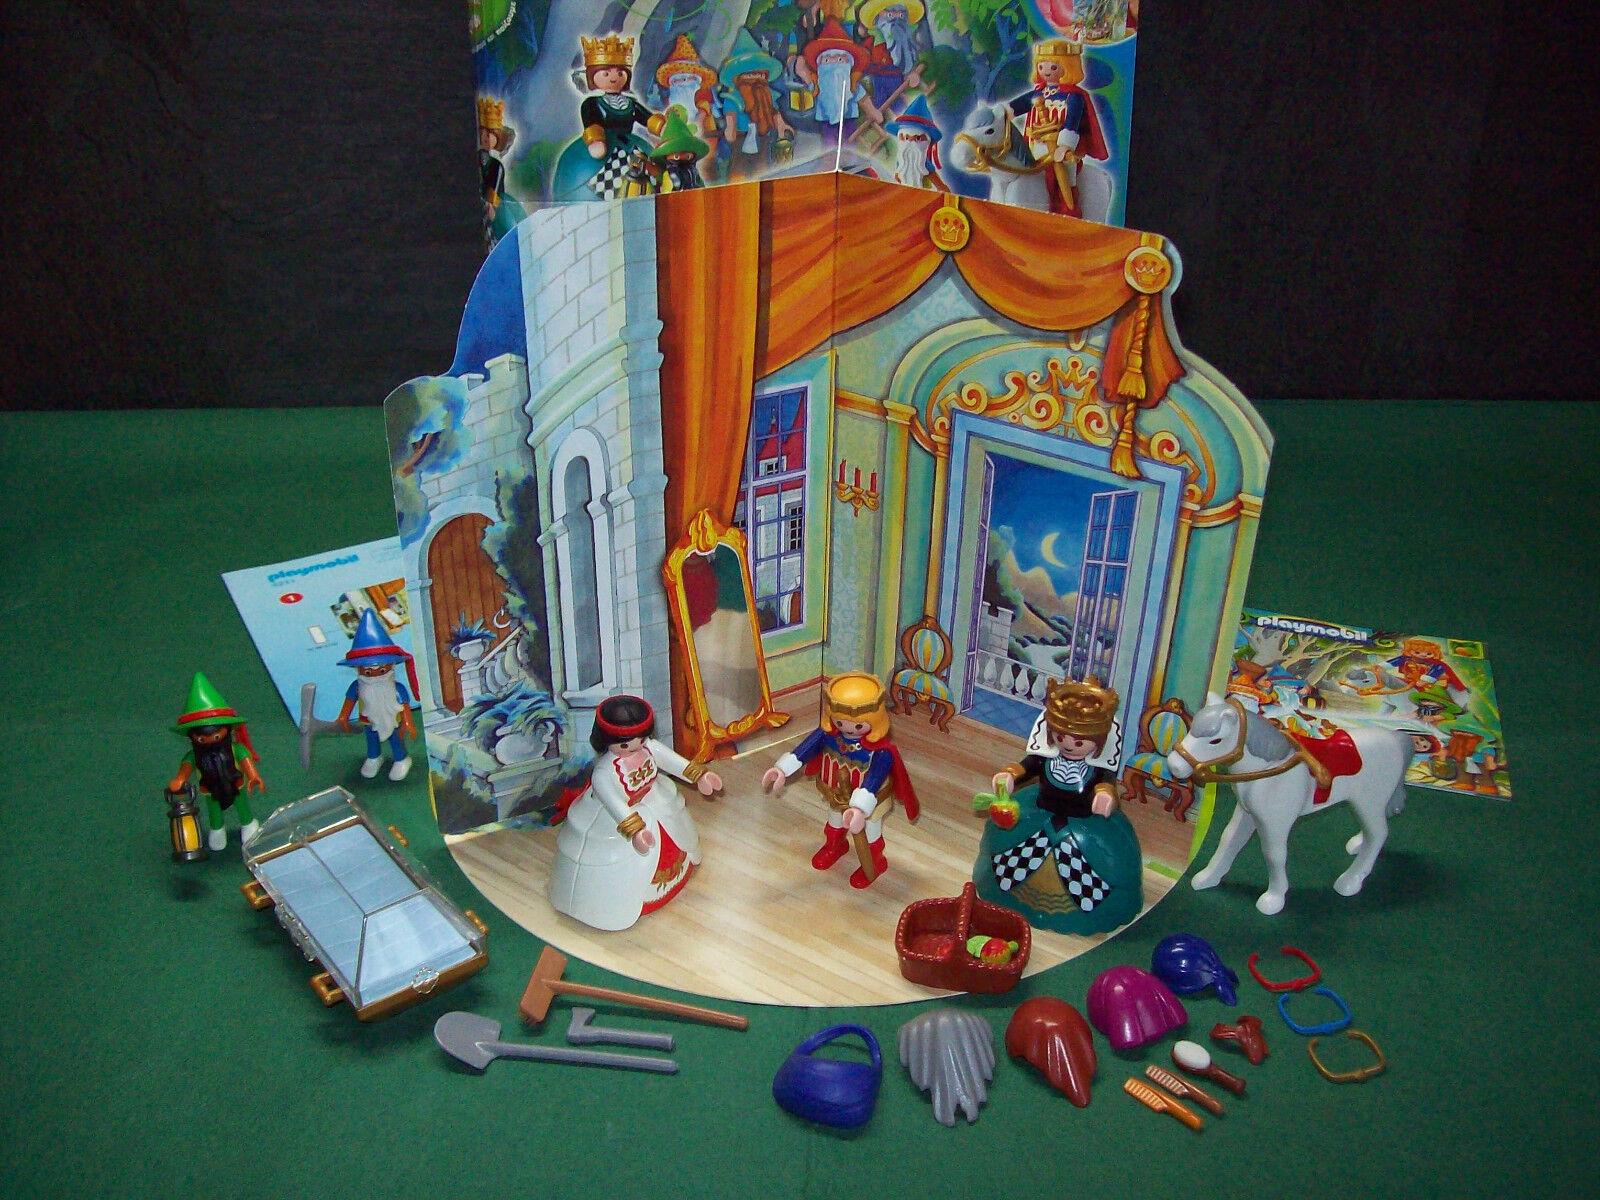 Playmobil Rarität MärchenSet  Schneewittchen 4211-A/2006 2, Komplett-Set